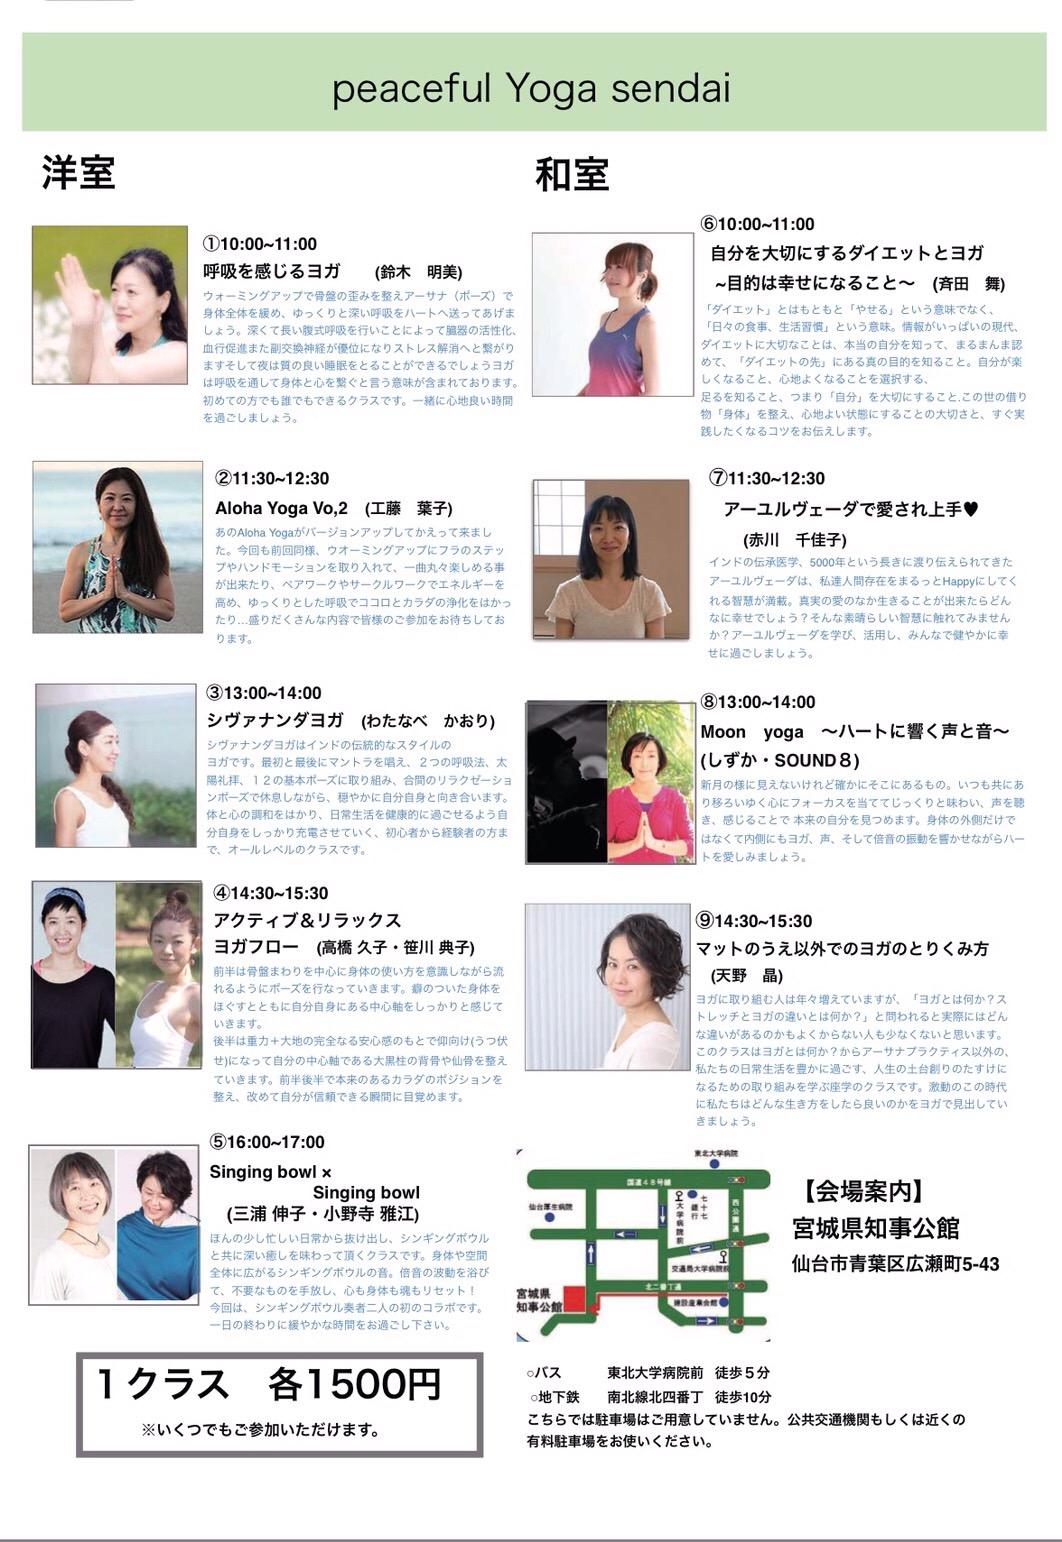 20171013miura01